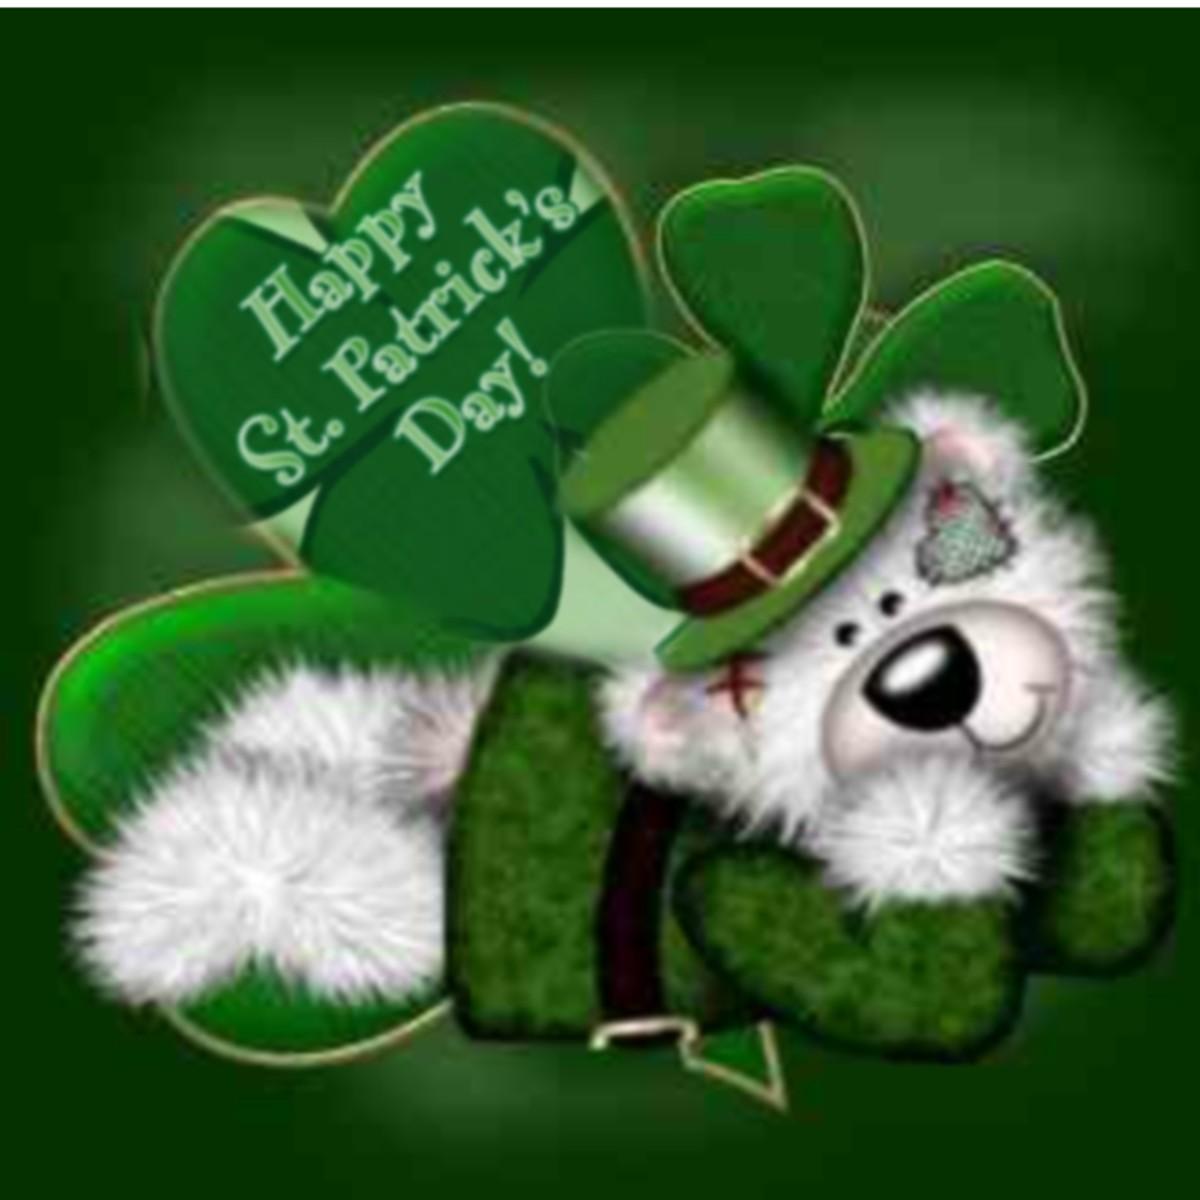 St.Patricks Day Recipes